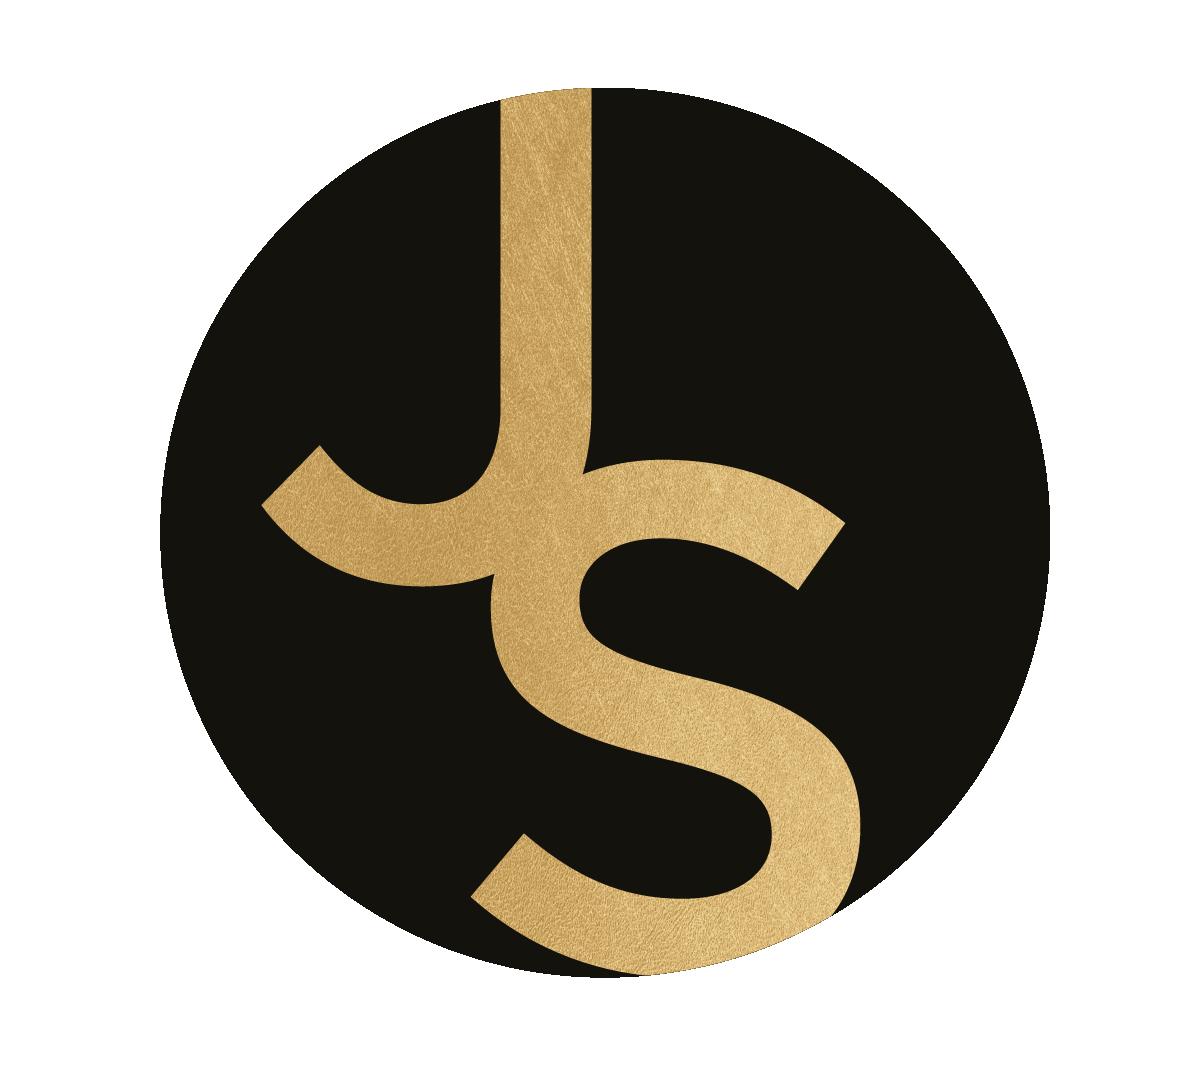 JS-Mark-BlackGold-RGB.png